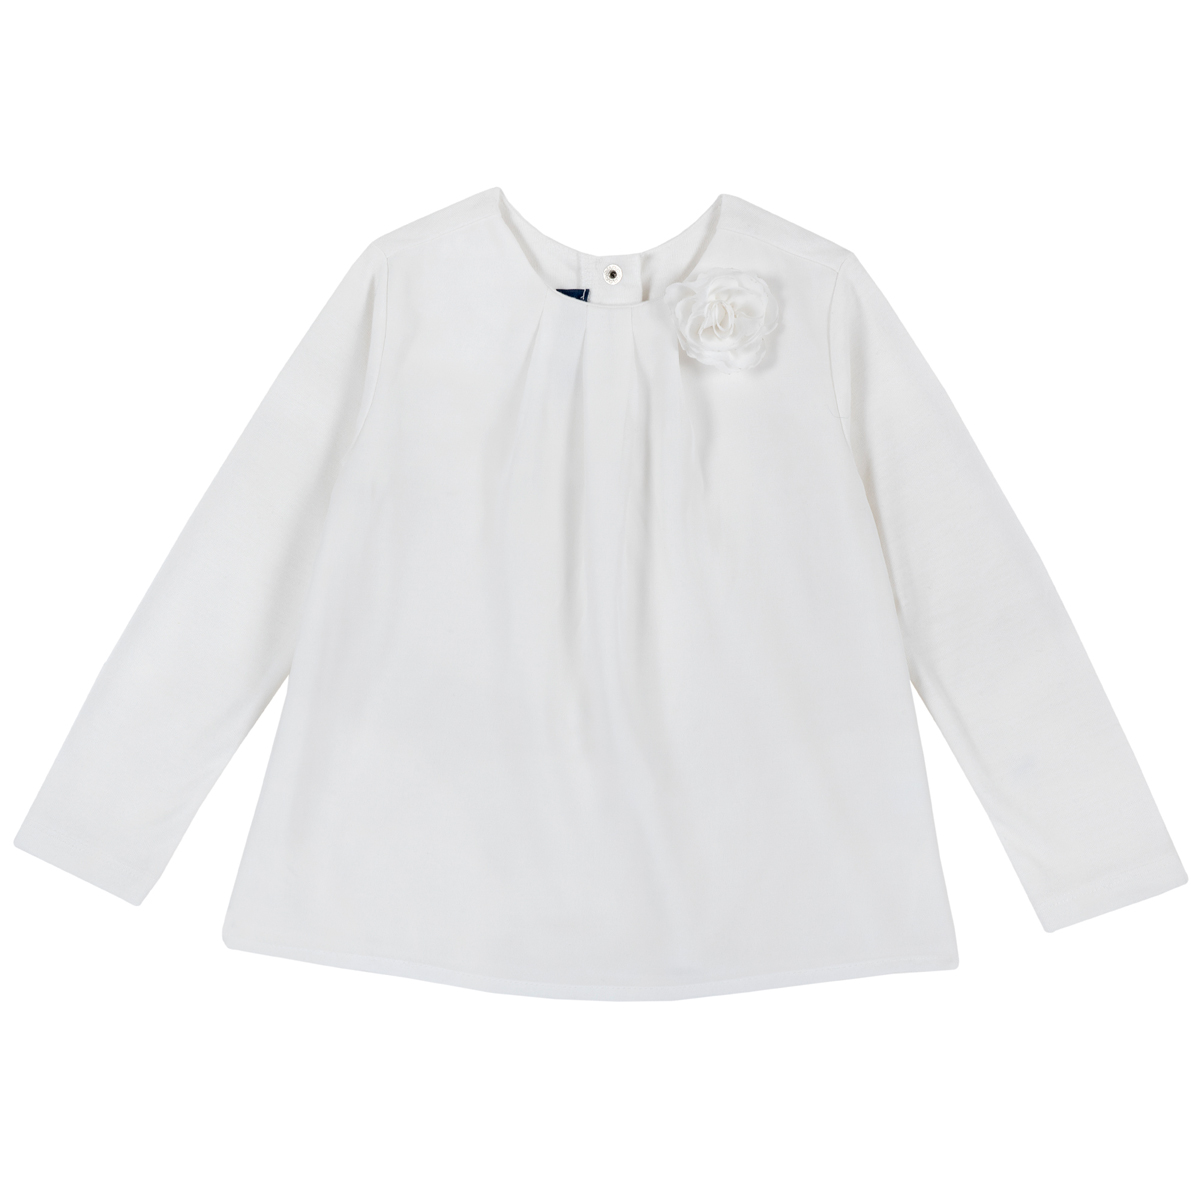 Camasa copii eleganta Chicco, maneca lunga, alb, 06815 din categoria Camasi copii